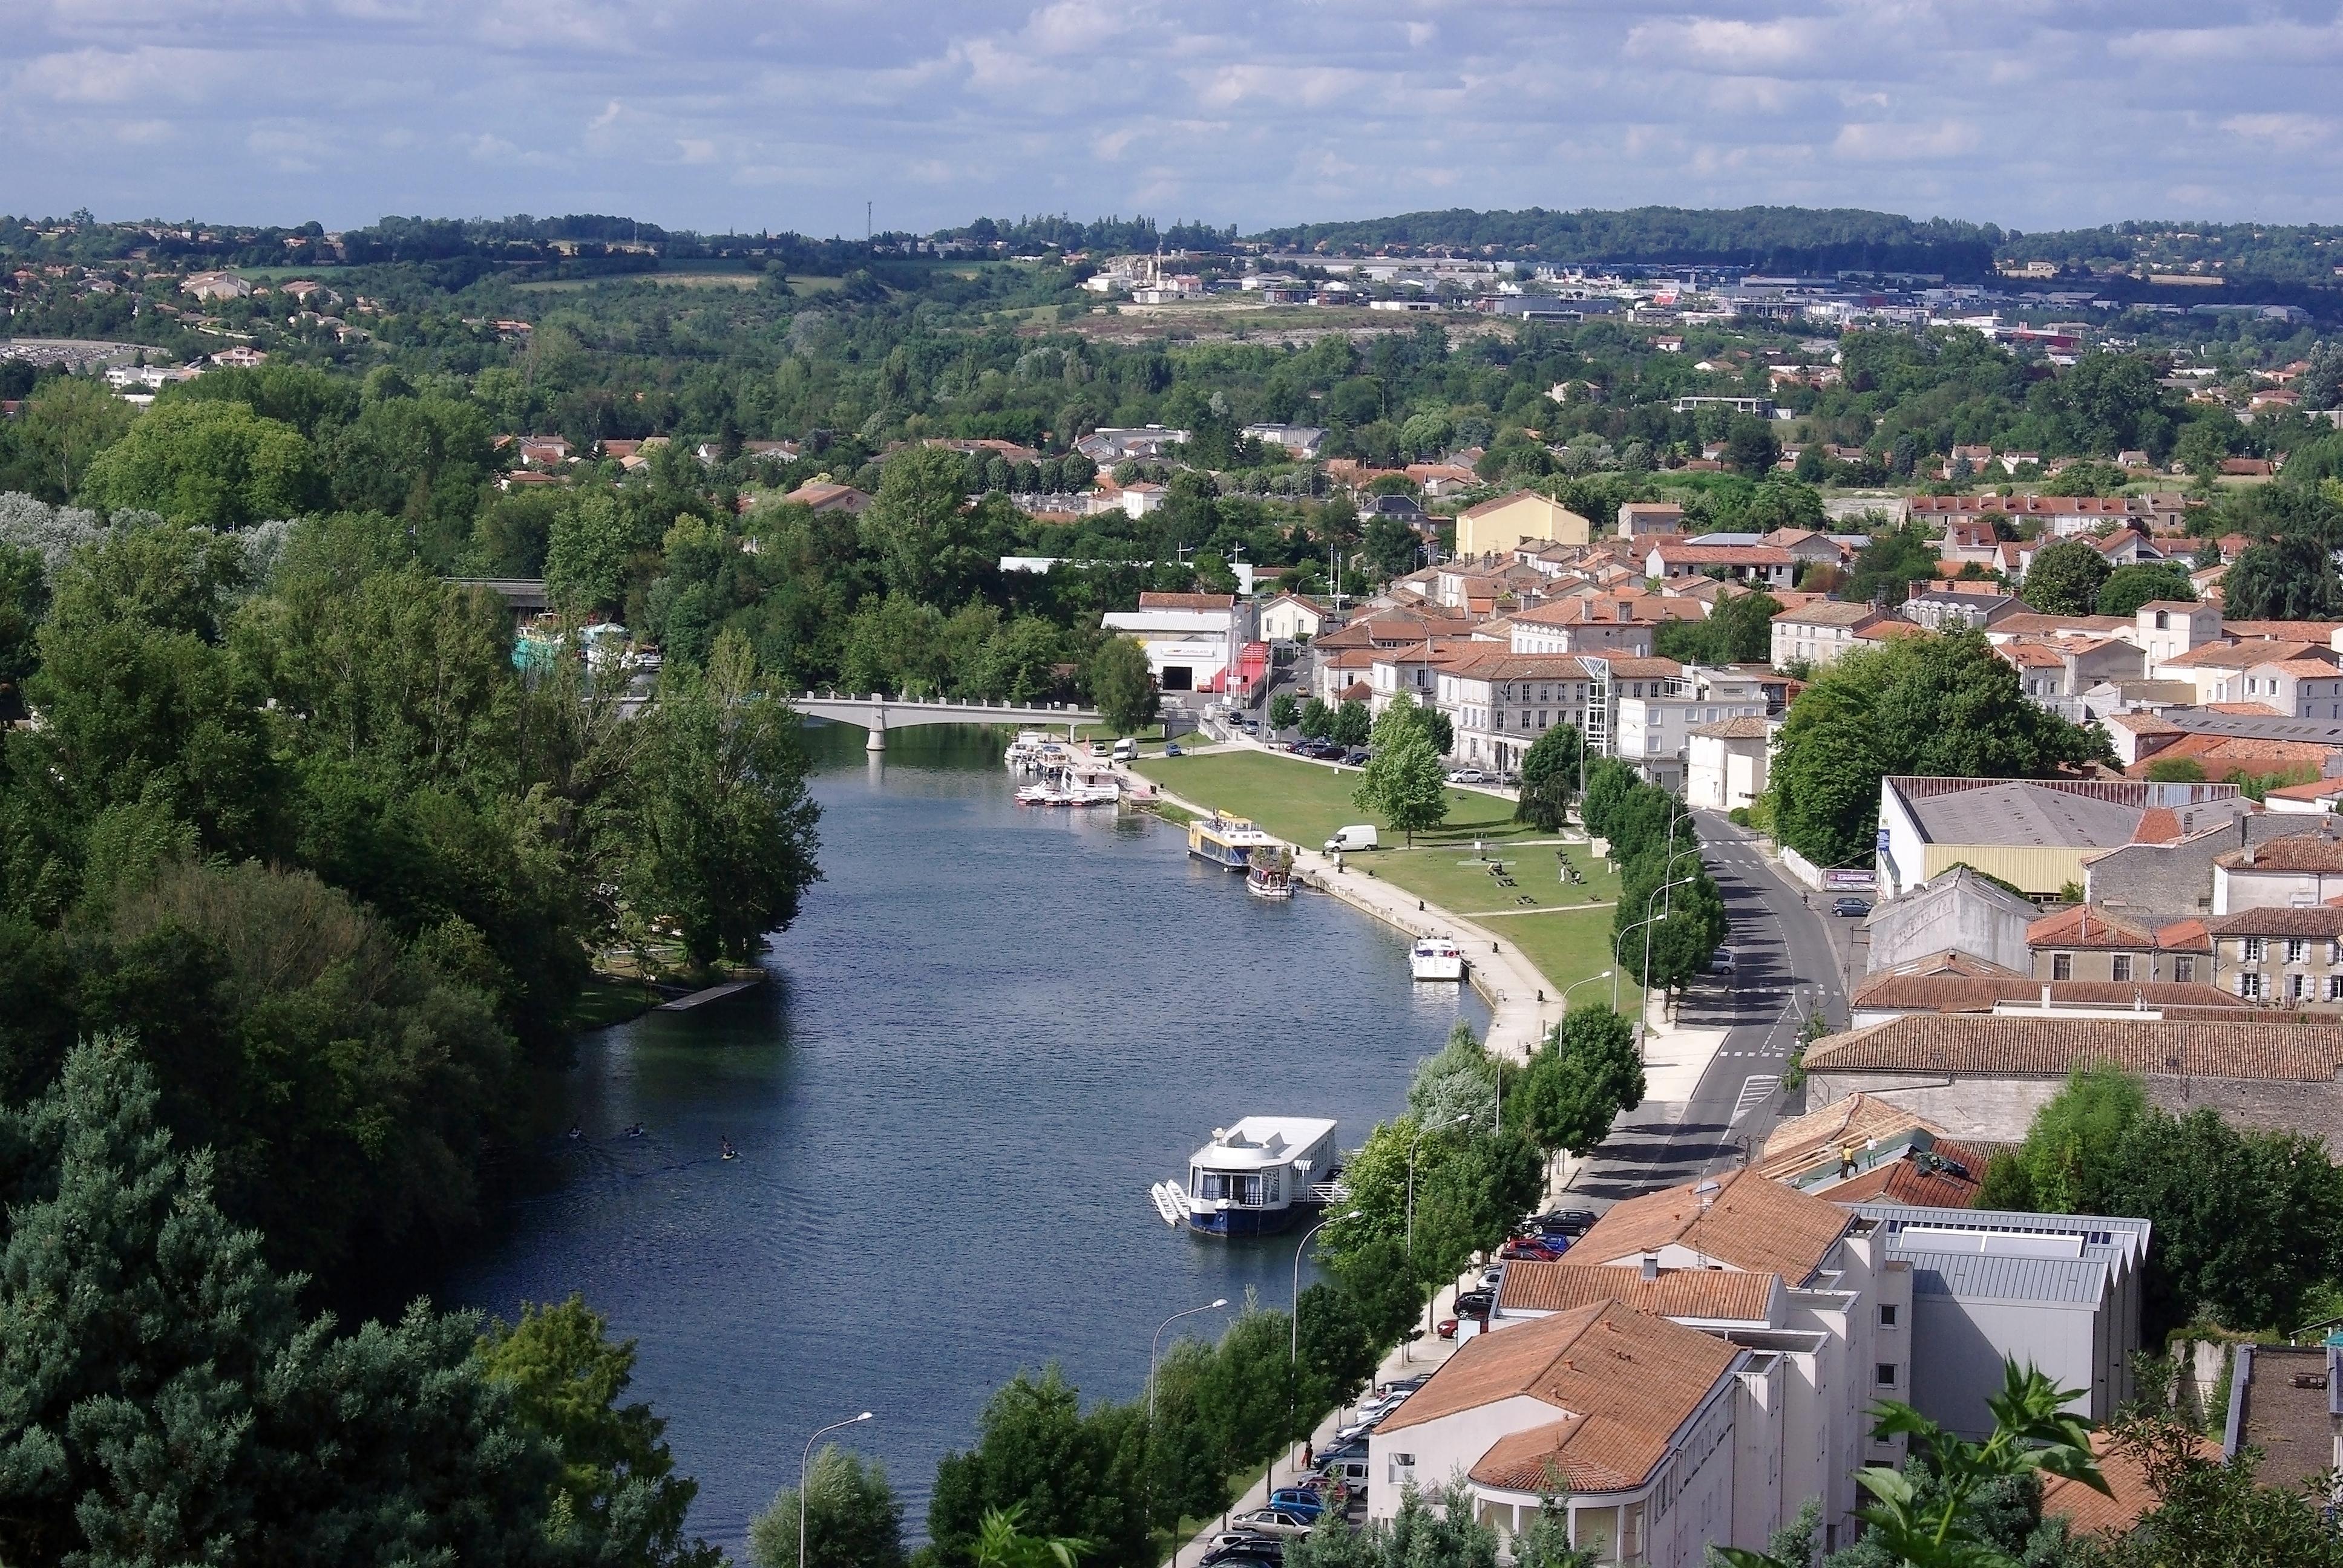 http://www.larochebeaucourt.fr/wp-content/uploads/2011/11/Angoul%C3%AAme_LHoumeau_vu_des_remparts_2012.jpg